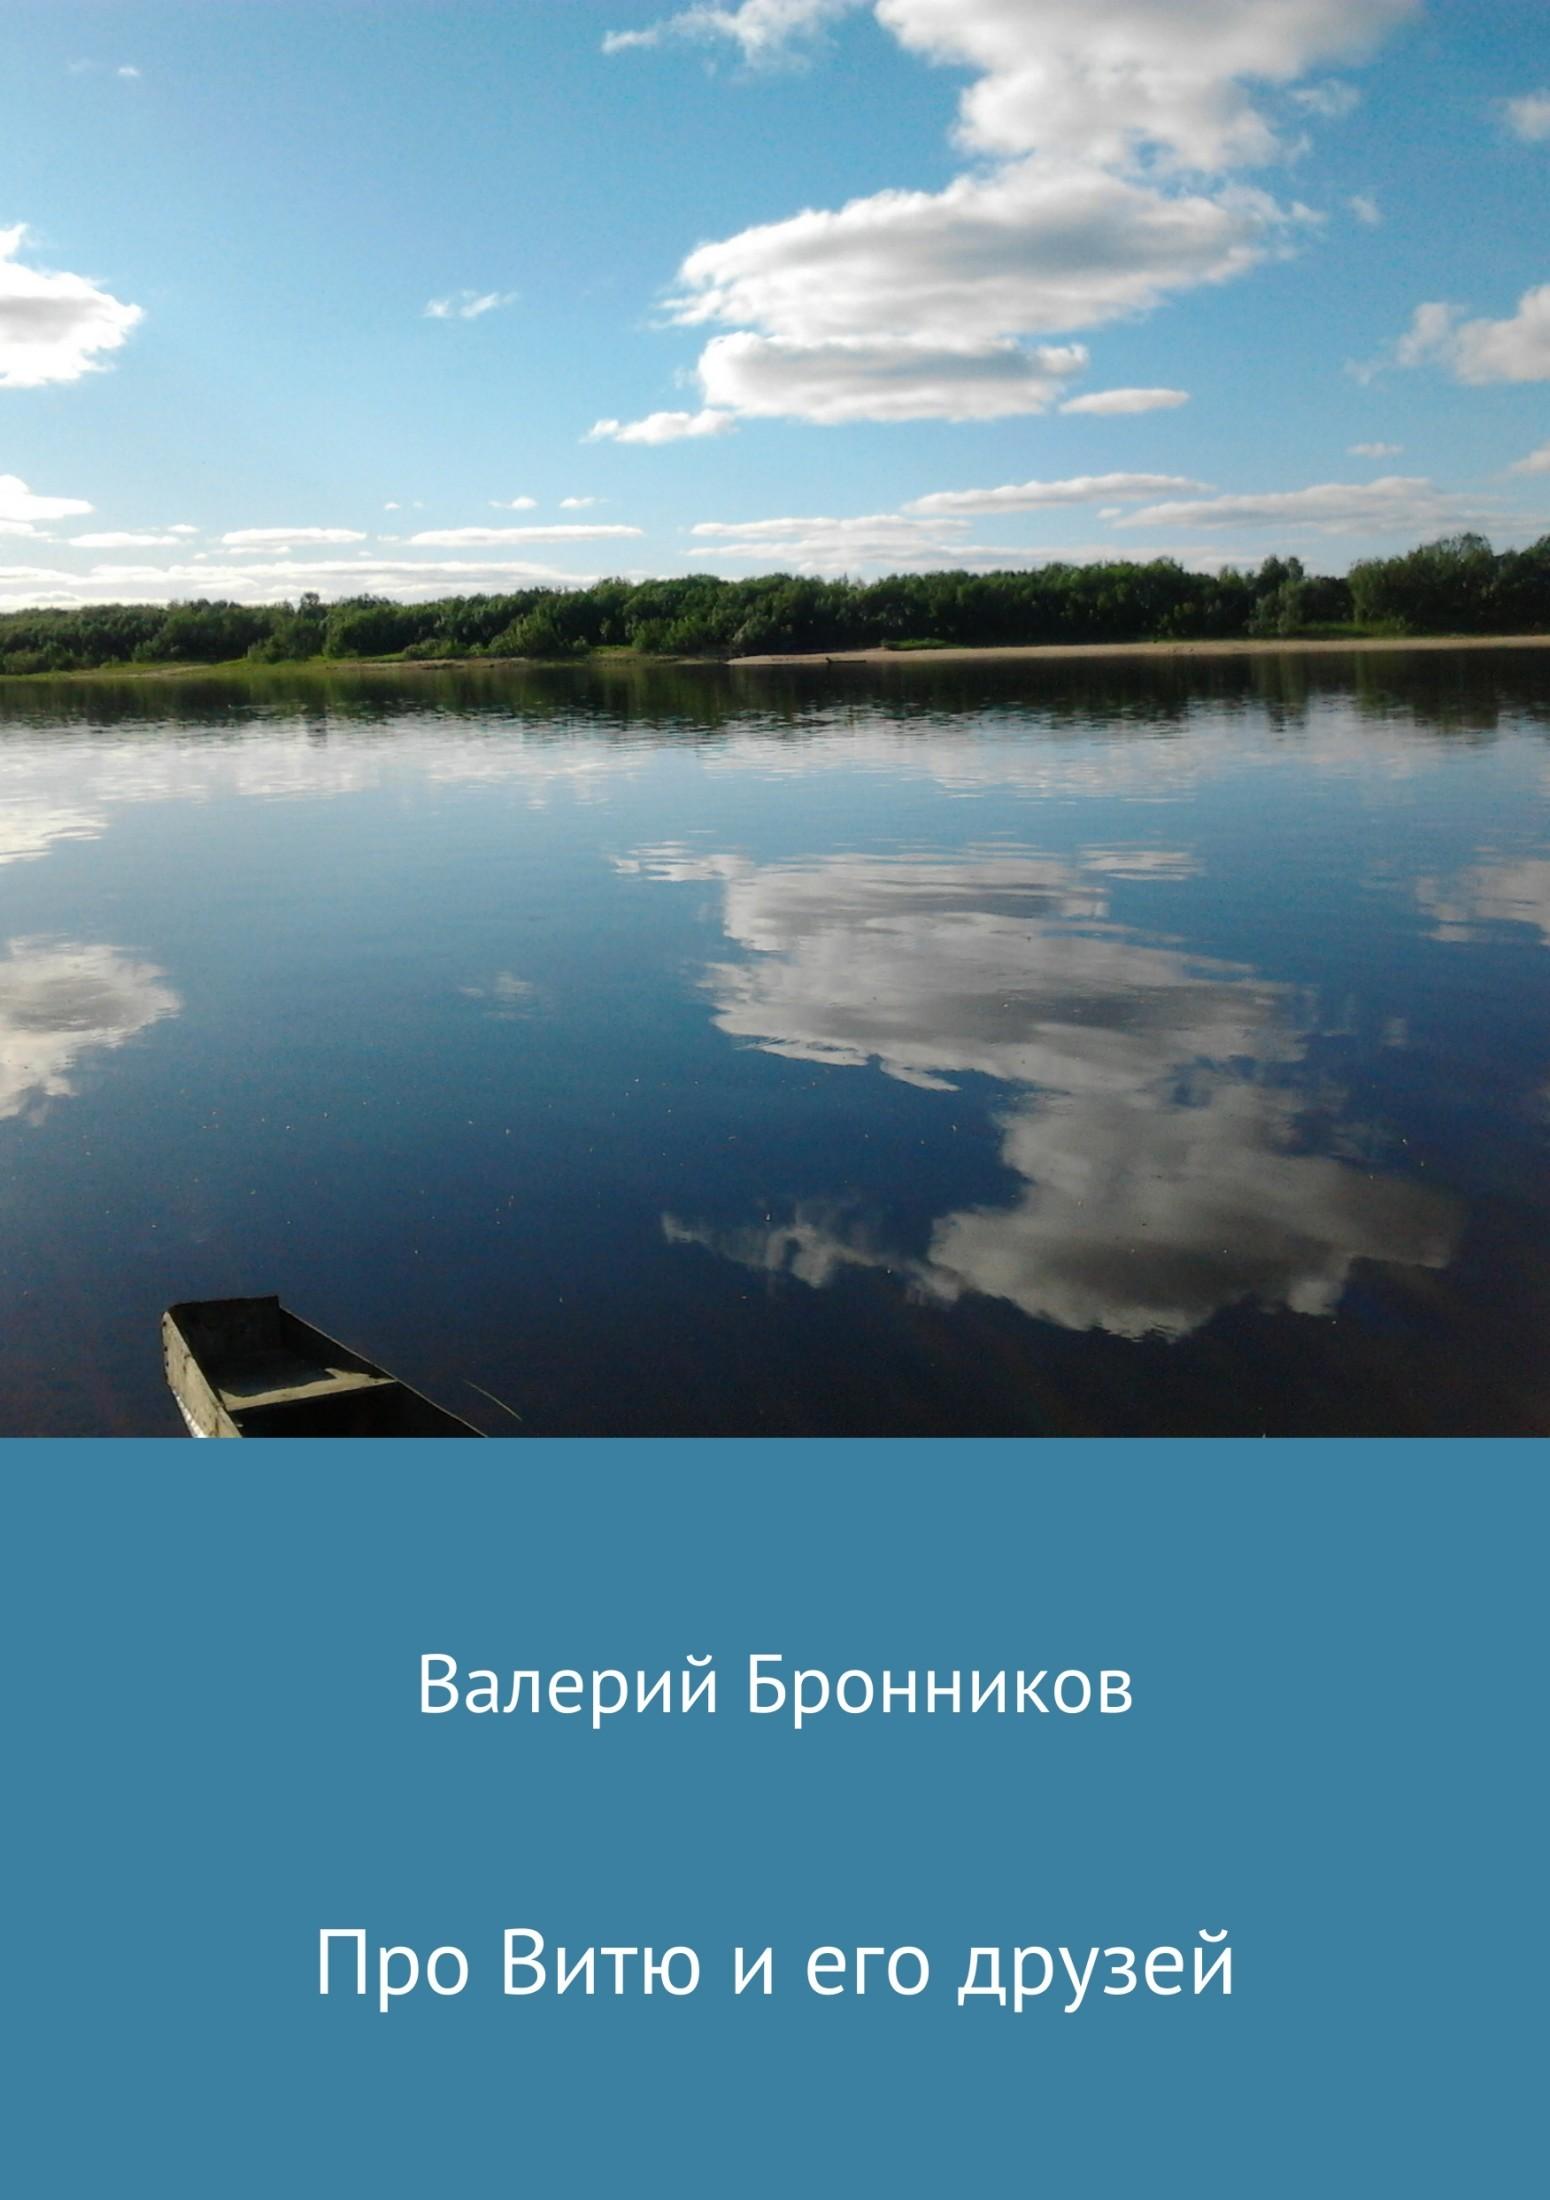 Валерий Бронников - Про Витю и его друзей